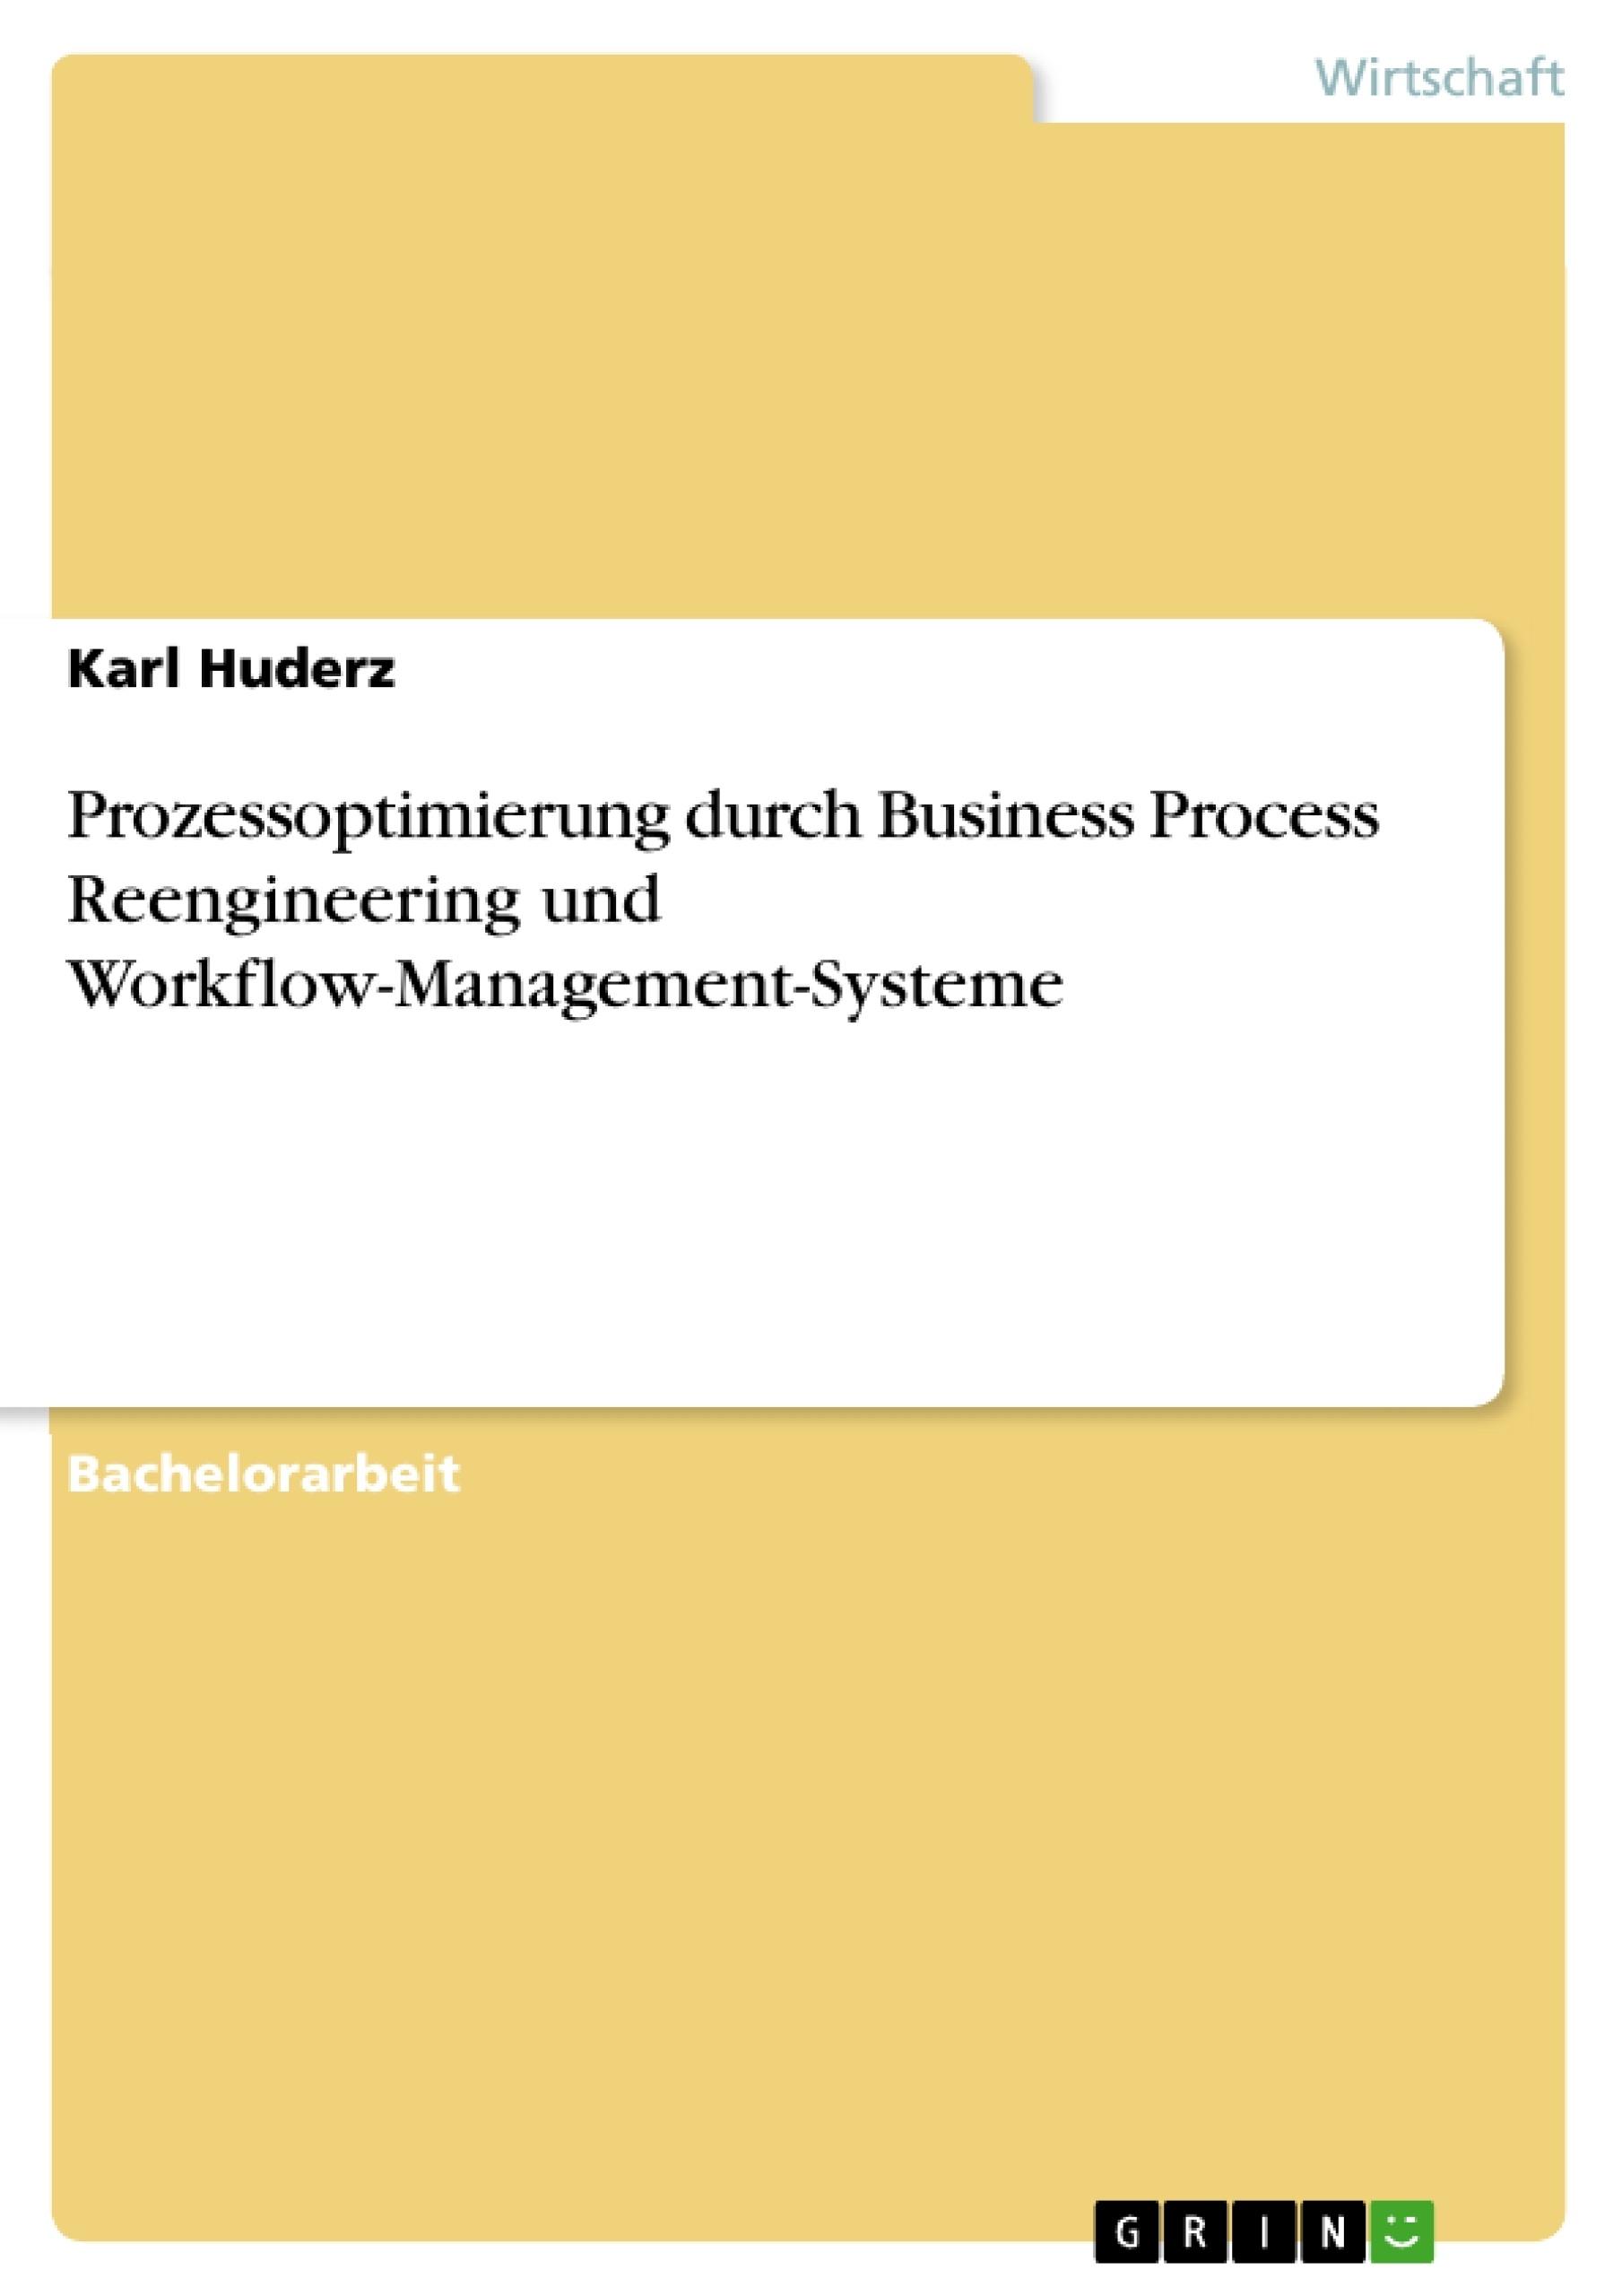 Titel: Prozessoptimierung durch Business Process Reengineering und Workflow-Management-Systeme